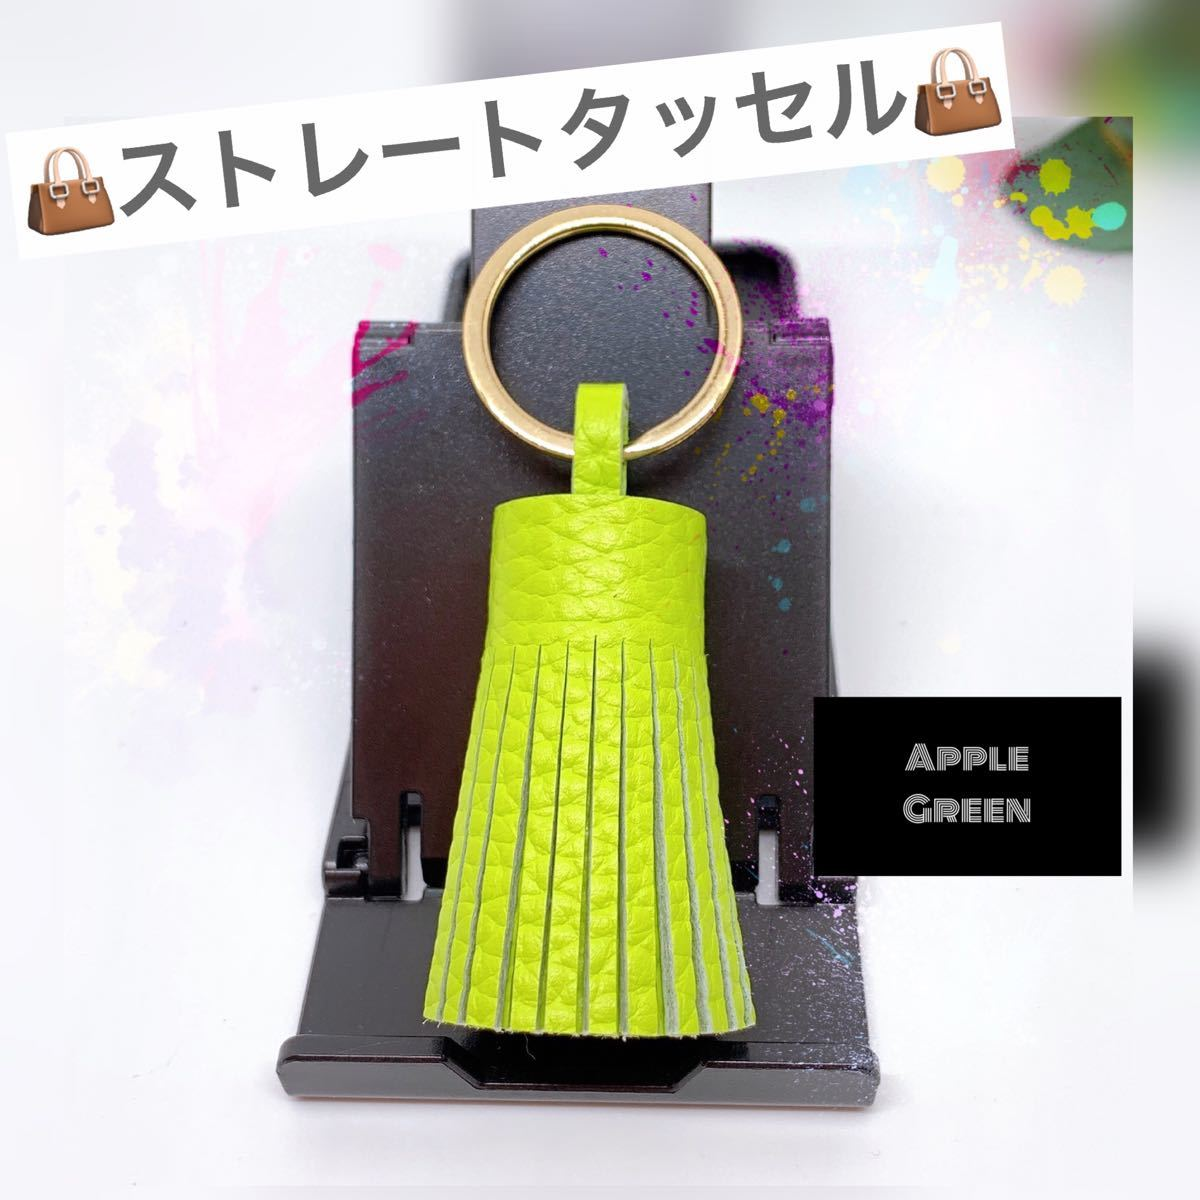 【本革】レザータッセルチャーム《アップルグリーン》